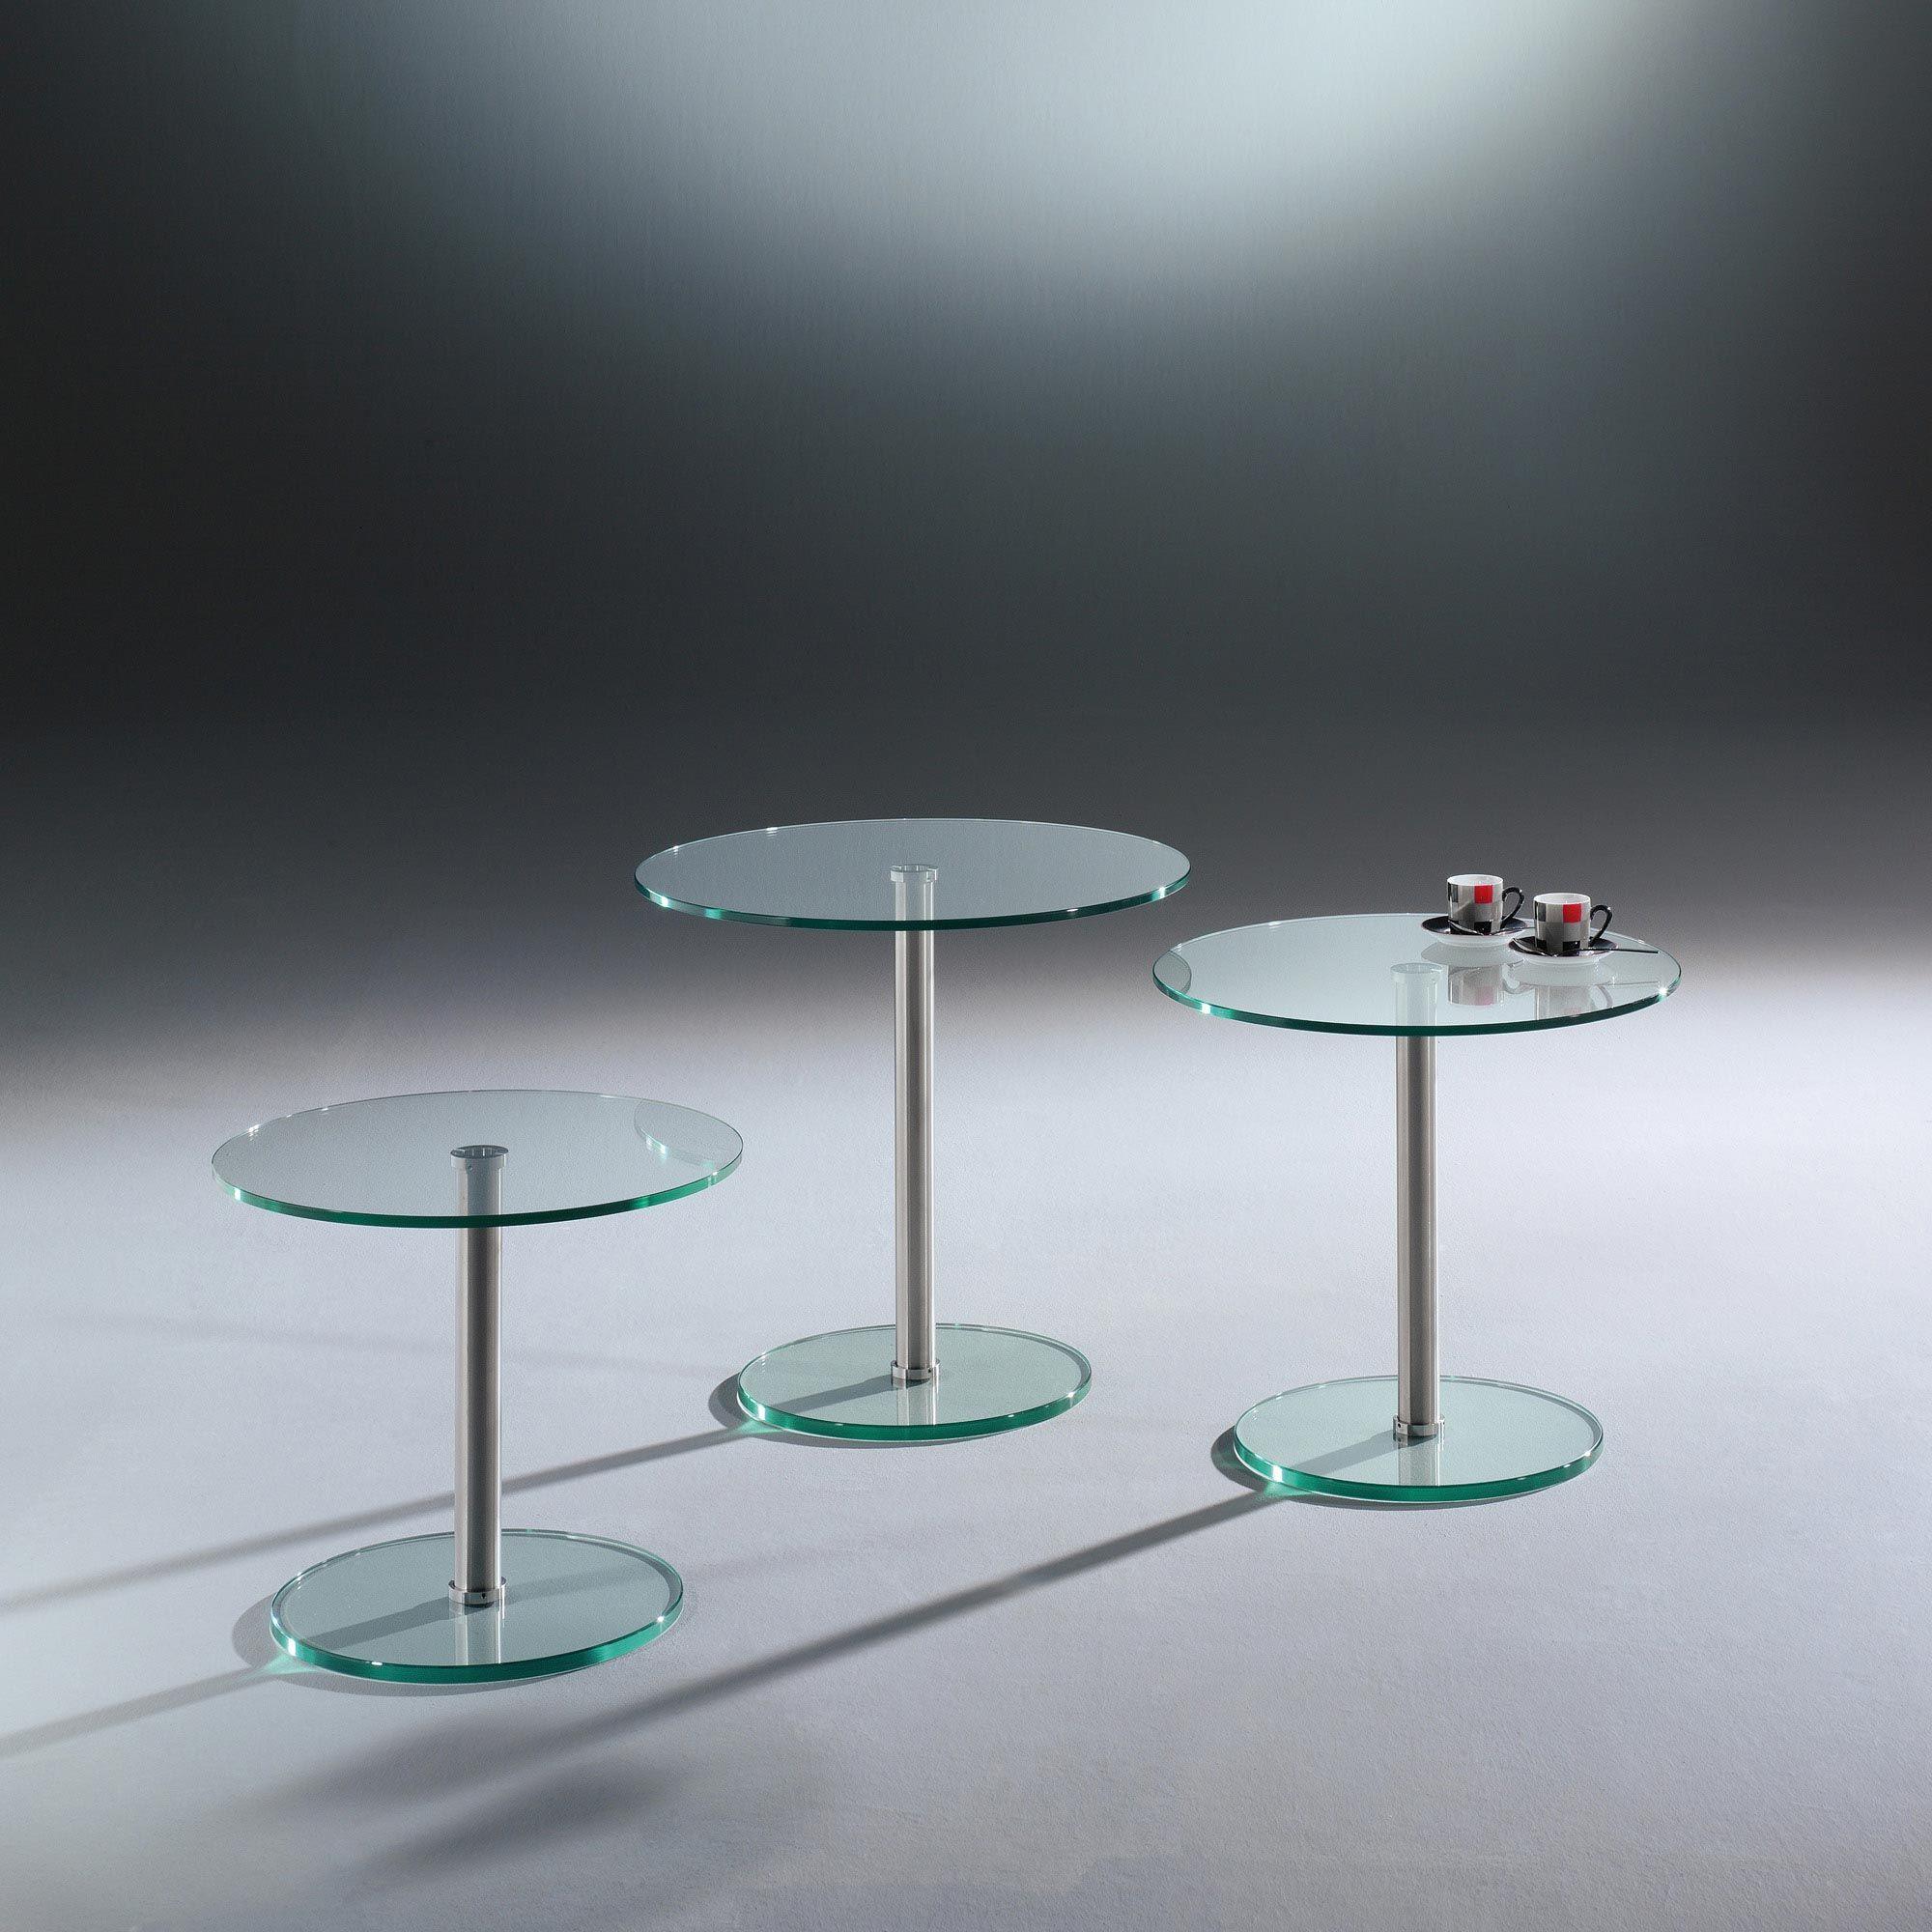 Die Beistelltische Der Serie Rondo Vereinen Form Und Funktion Die Zeitlose Klassisch Moderne Form In Der Edle In 2020 Beistelltisch Glas Beistelltische Beistelltisch